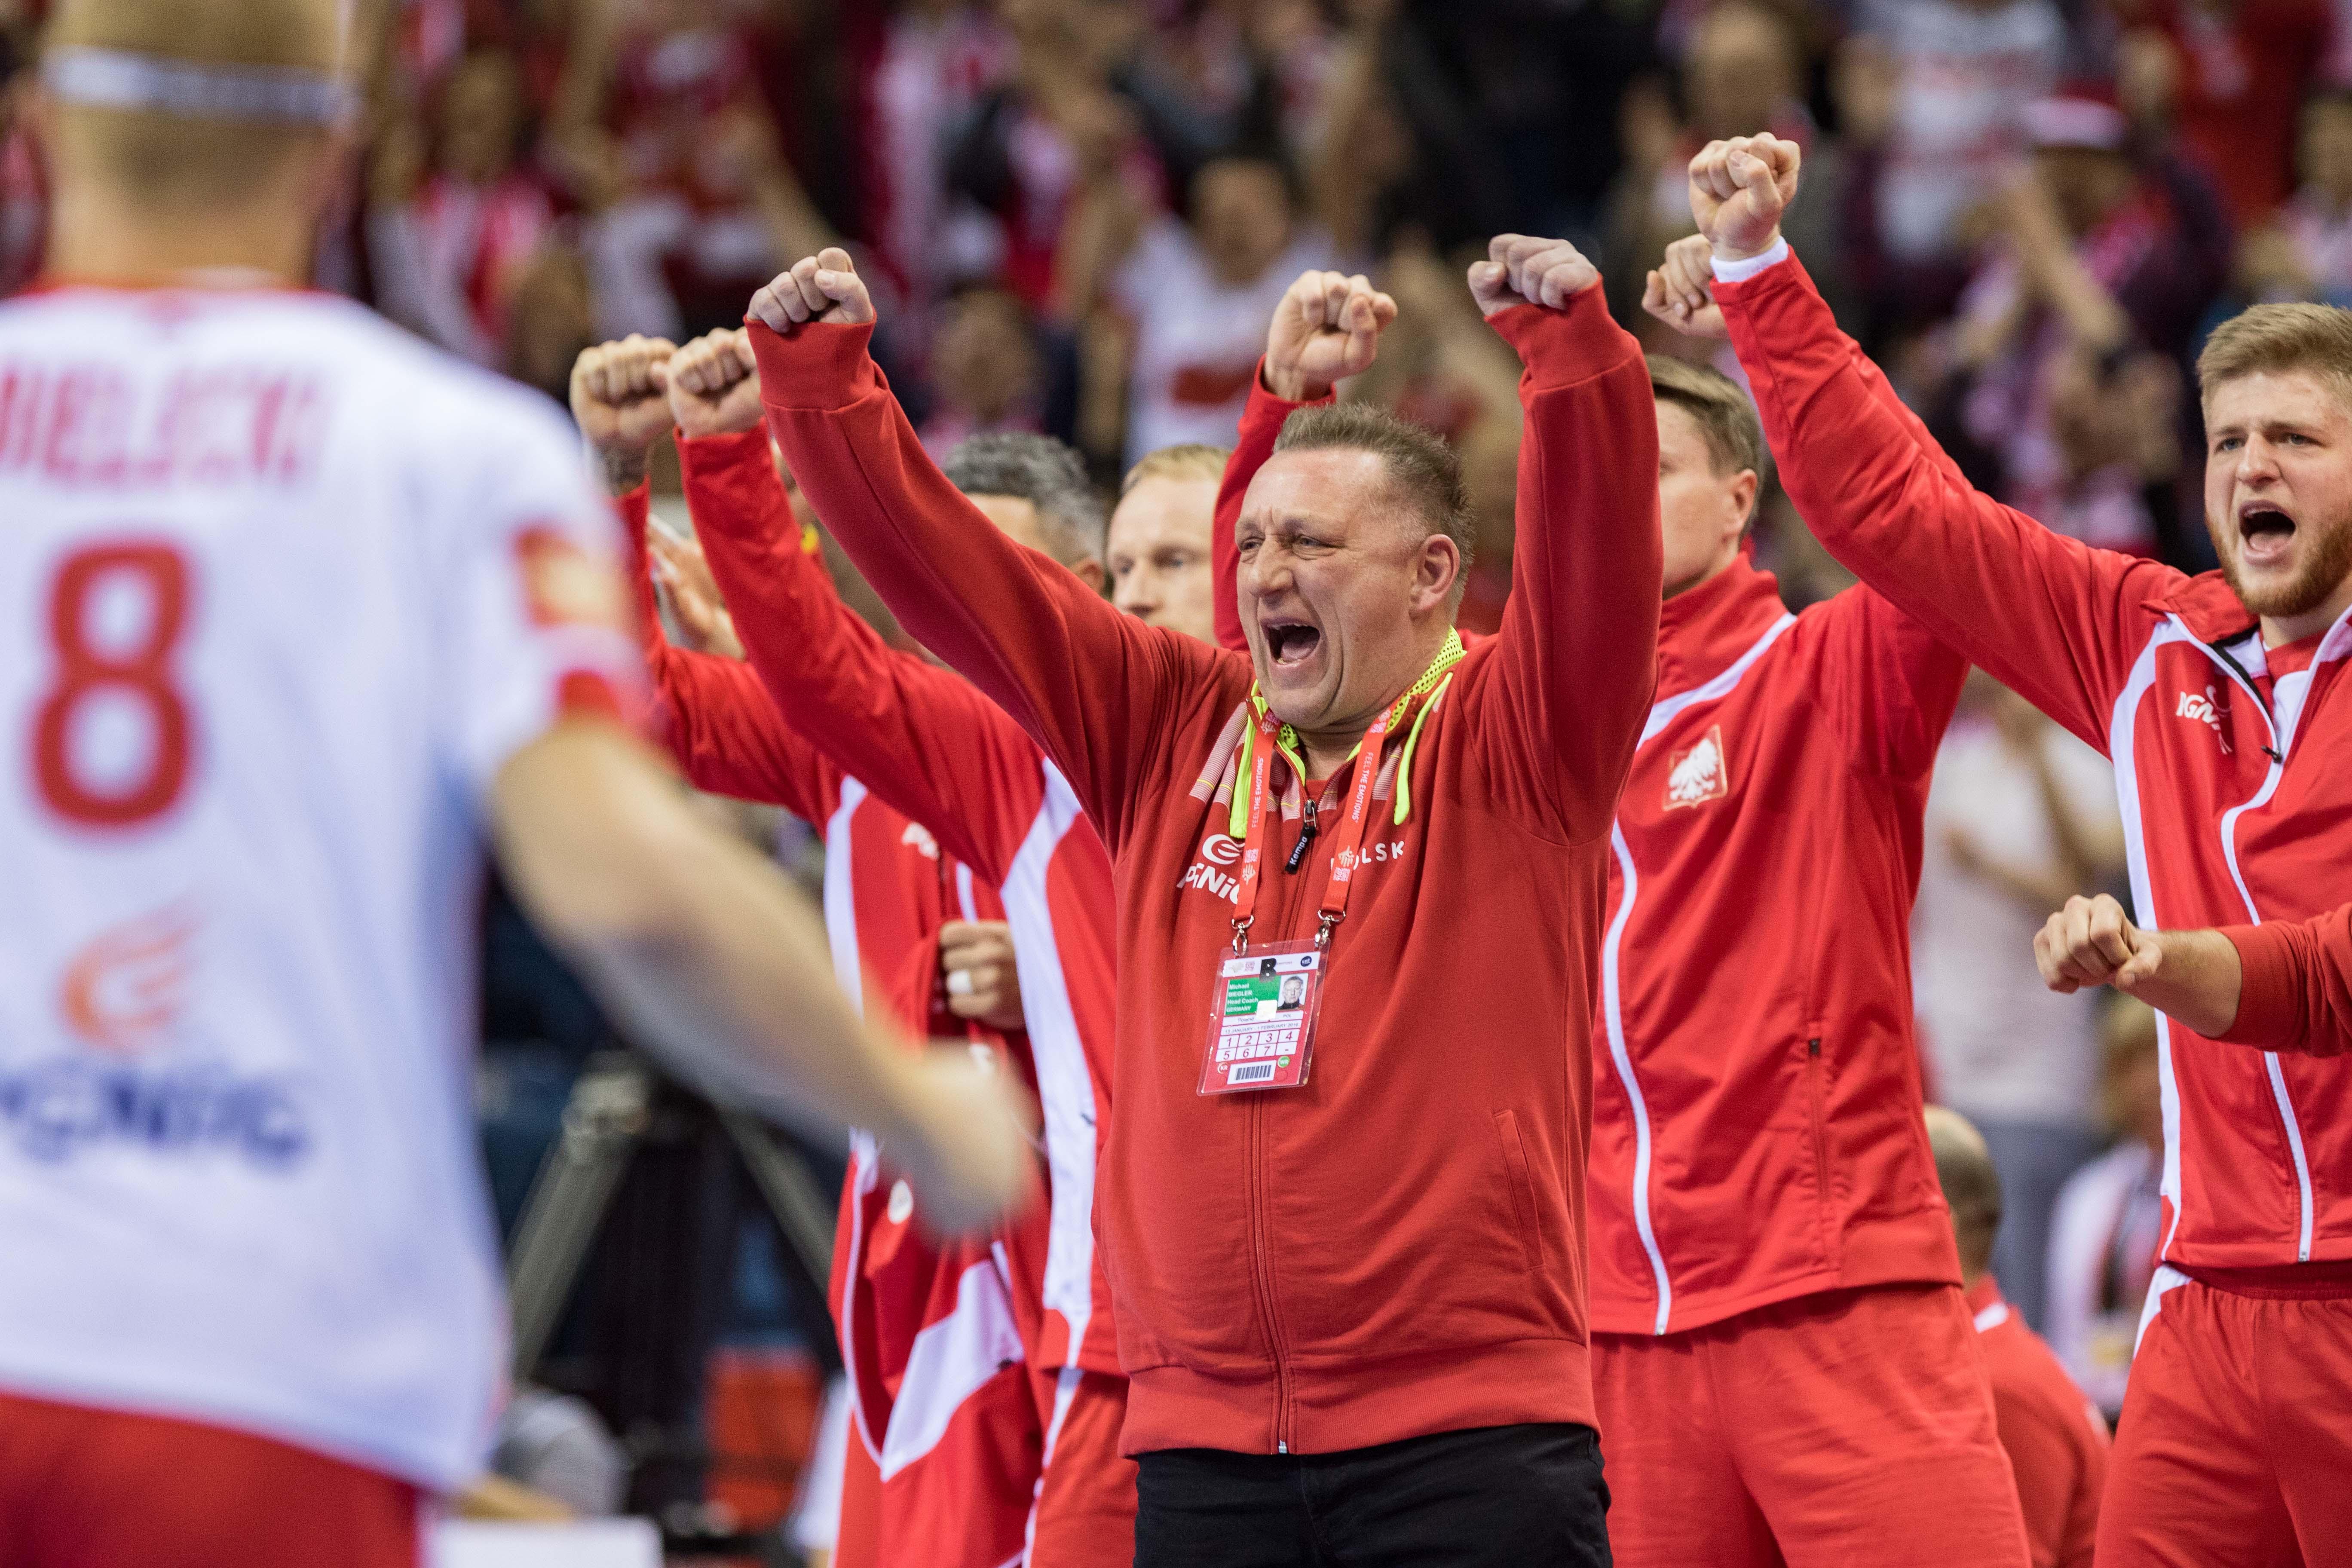 2016.01.19 Krakow Pilka reczna EHF Euro 2016 Mistrzostwa Europy w pilce recznej mezczyzn Grupa A Francja - Polska N/Z Michael Biegler (trener, Head coach) Radosc  Foto. Tomasz Folta / Pressfocus 2016.01.19 Cracow Handball EHF Euro Poland 2016 Group A France - Poland